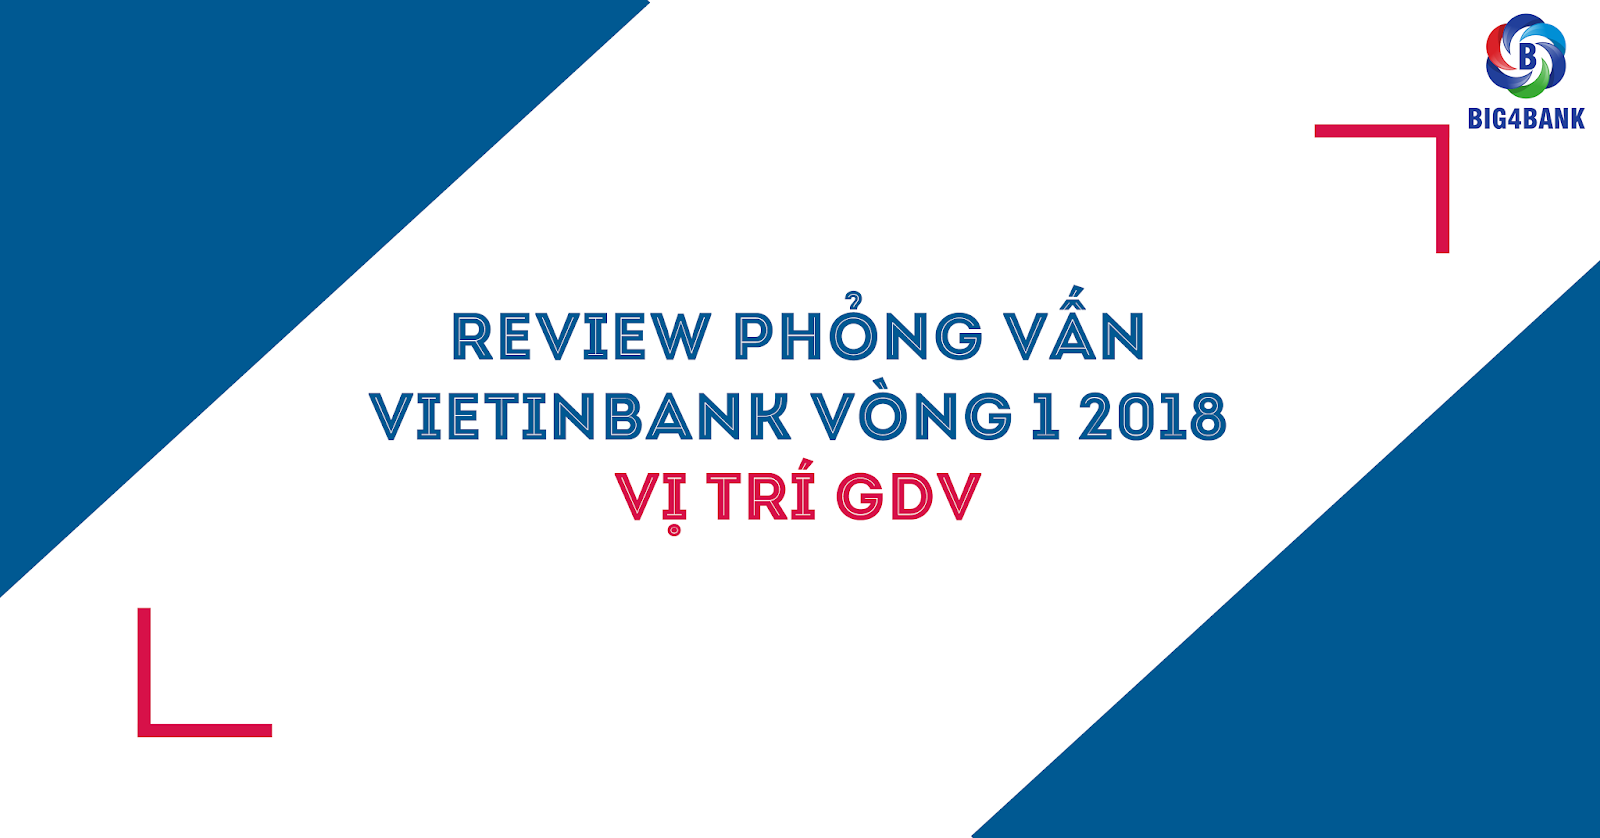 Review Phỏng Vấn Vietinbank Vòng 1- 2018 Vị Trí GDV